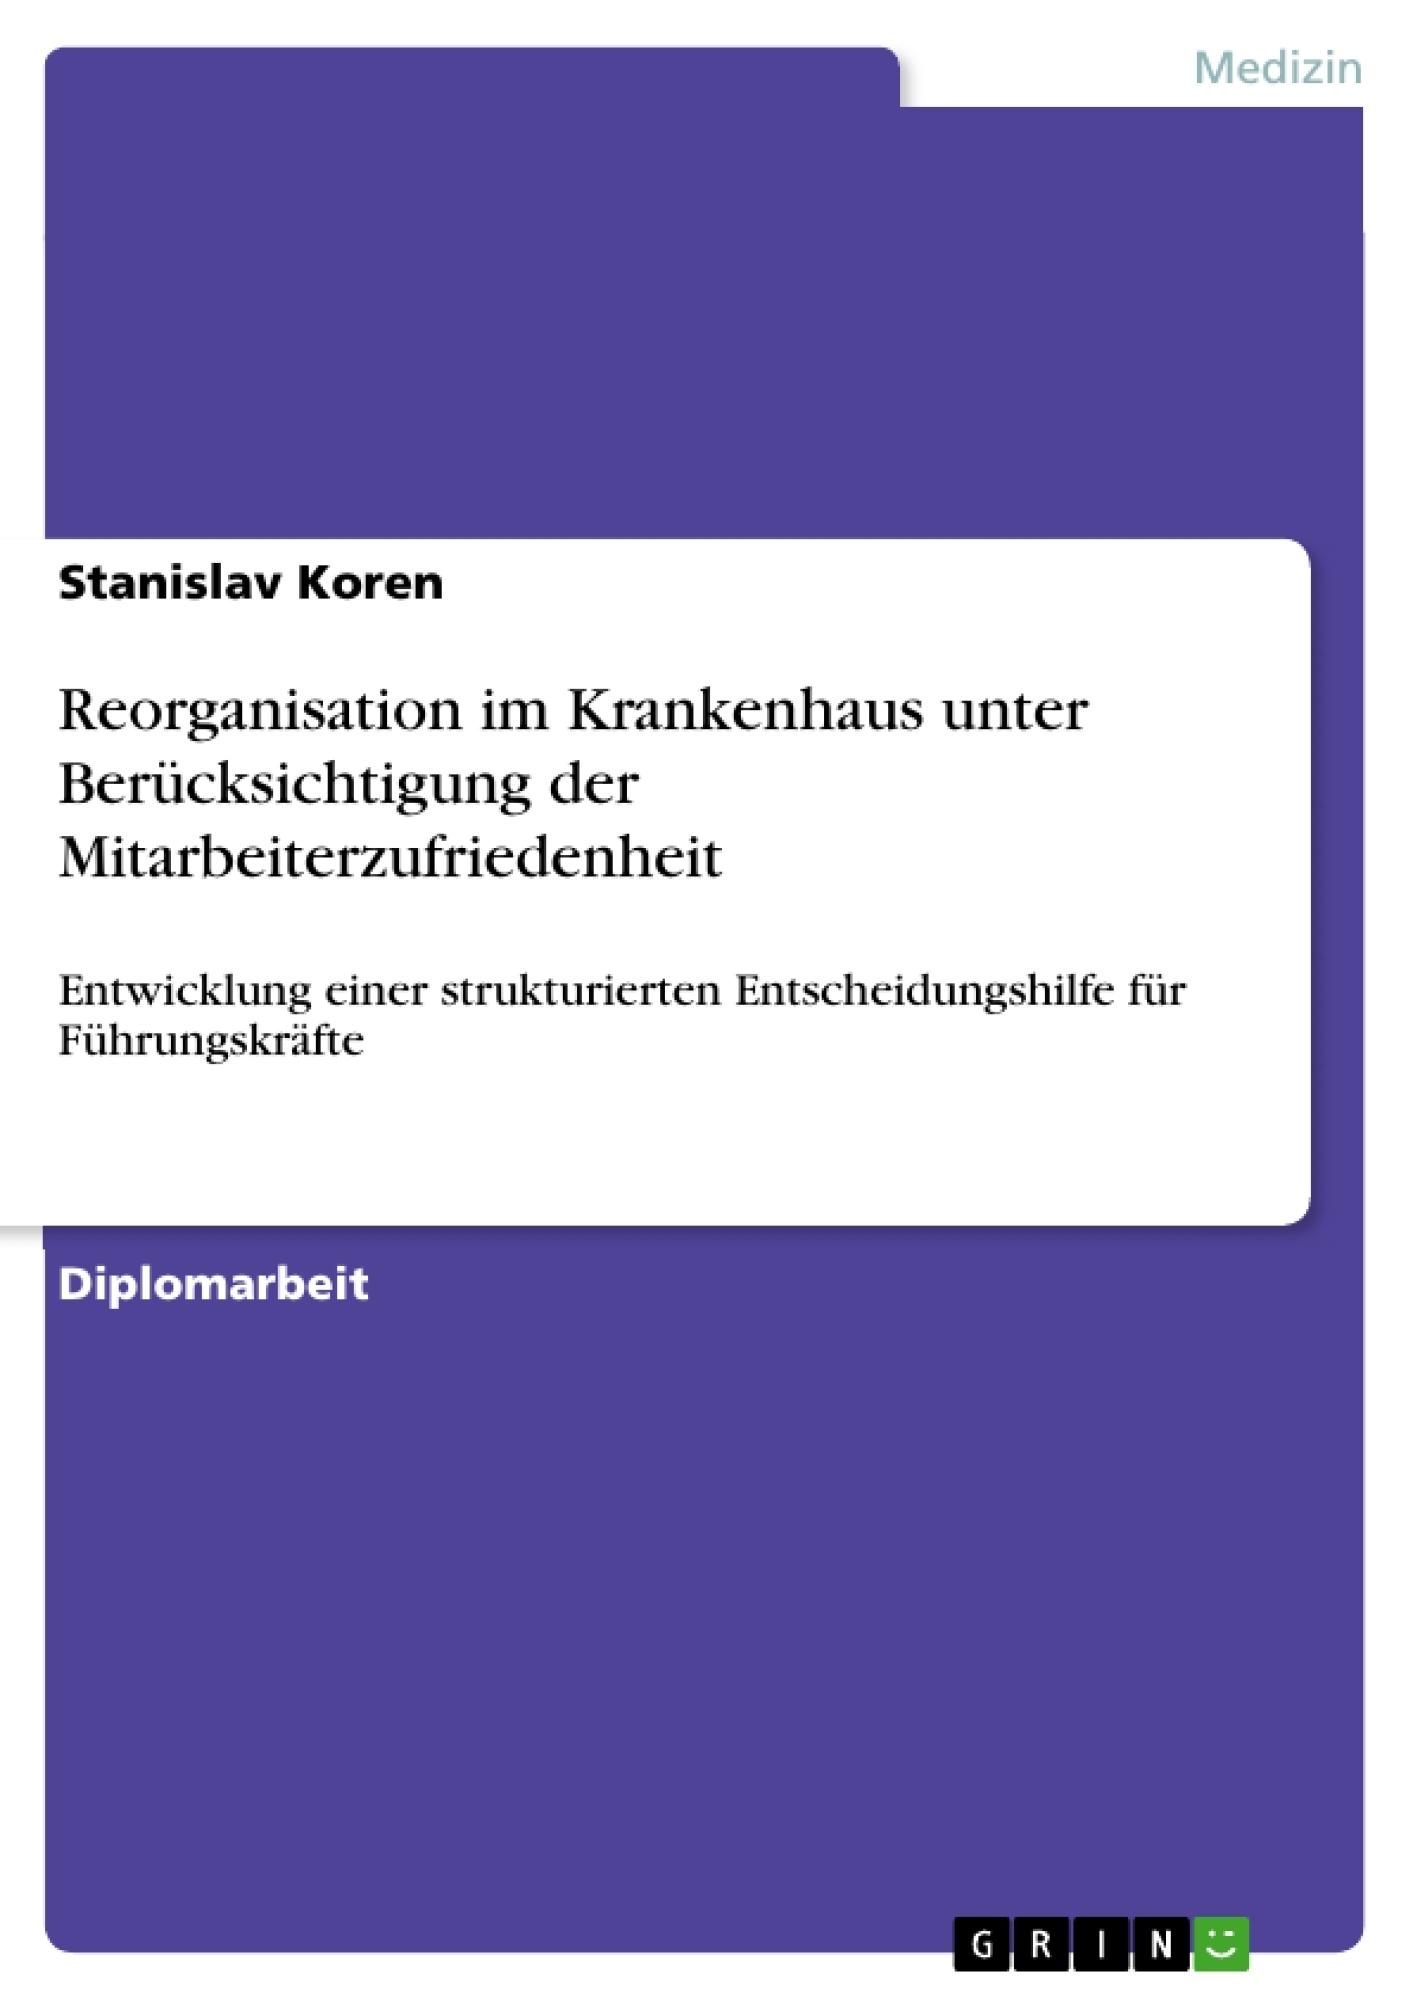 Titel: Reorganisation im Krankenhaus unter Berücksichtigung der Mitarbeiterzufriedenheit